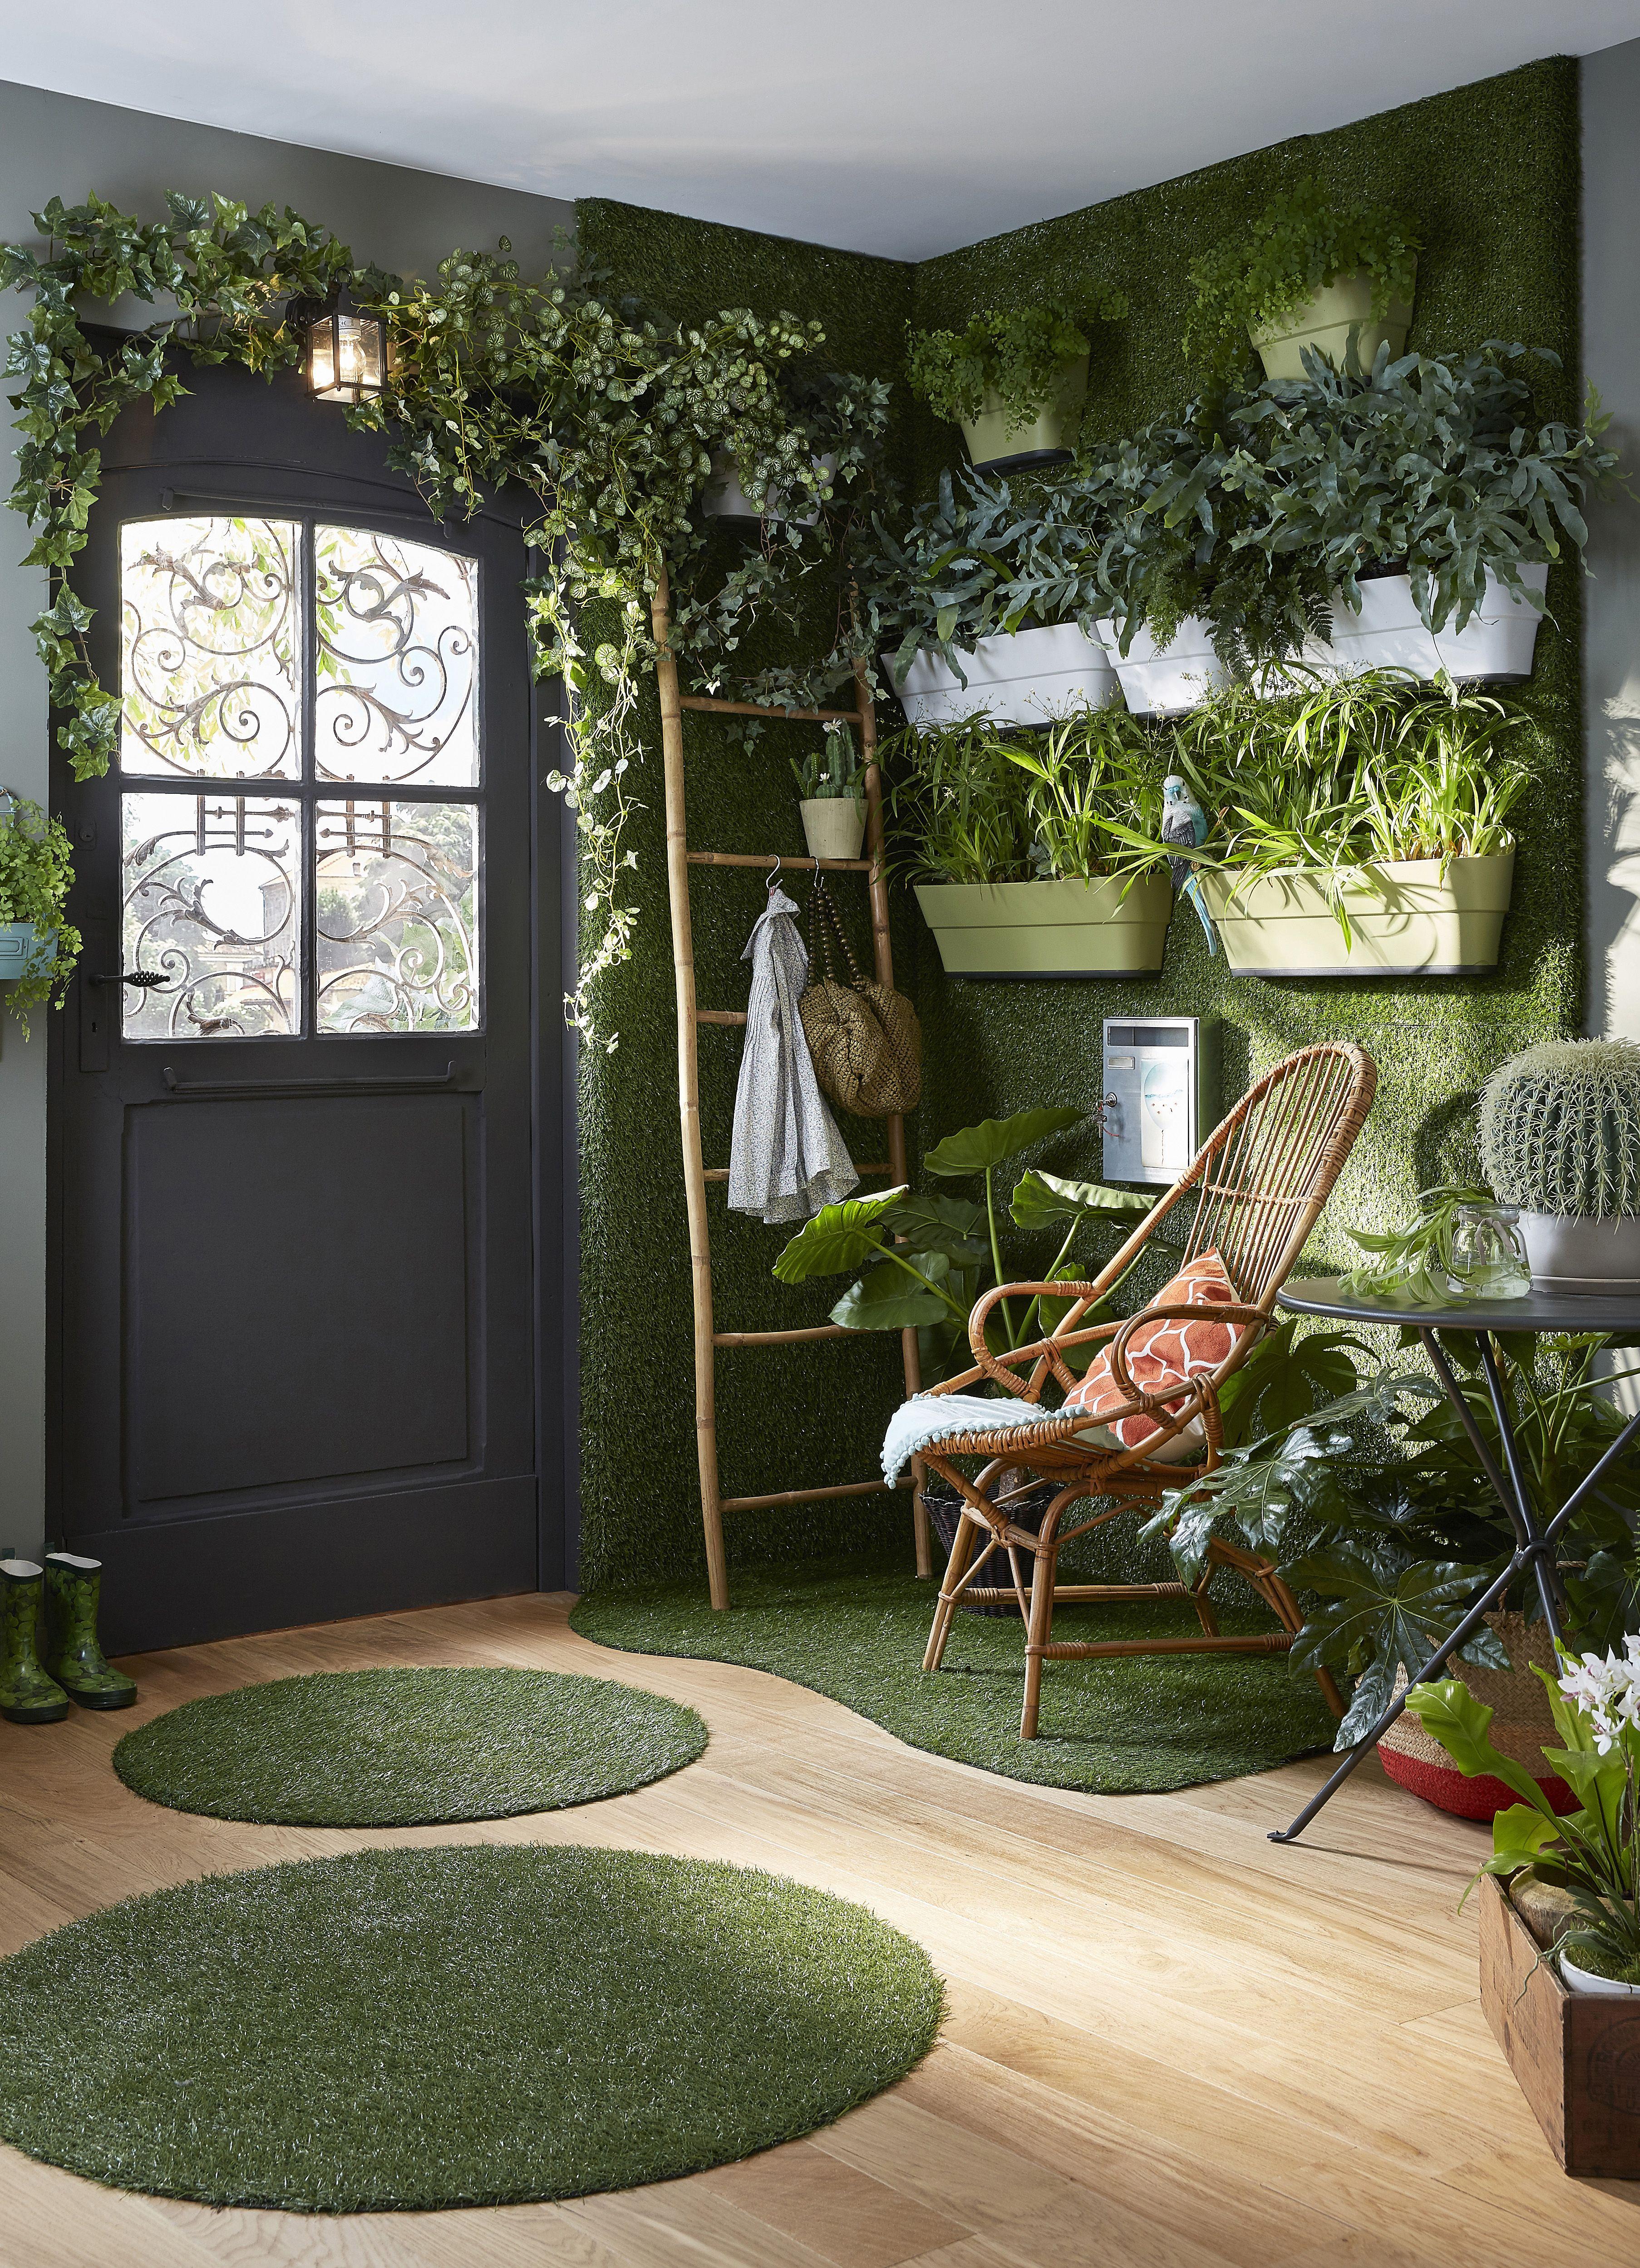 Offrez-vous un jardin en intérieur, en osant un mur végétal réalisé ...